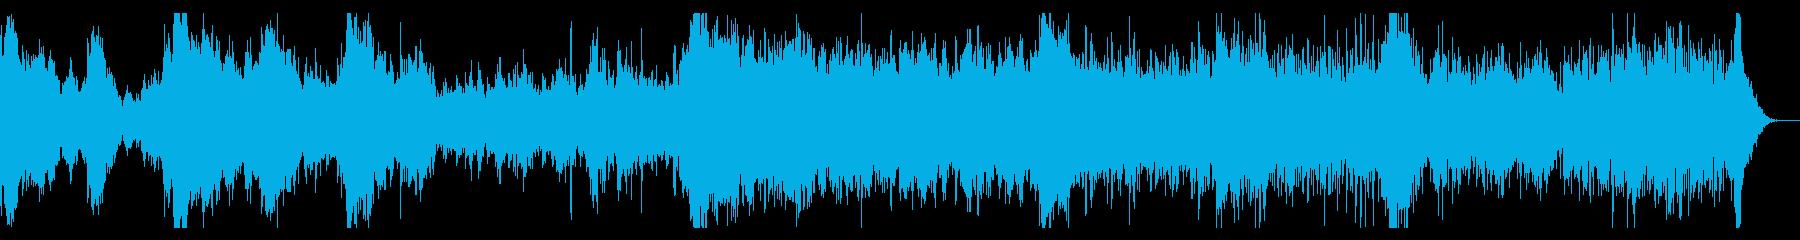 ガチャガチャしたミステリアスシネマBGMの再生済みの波形